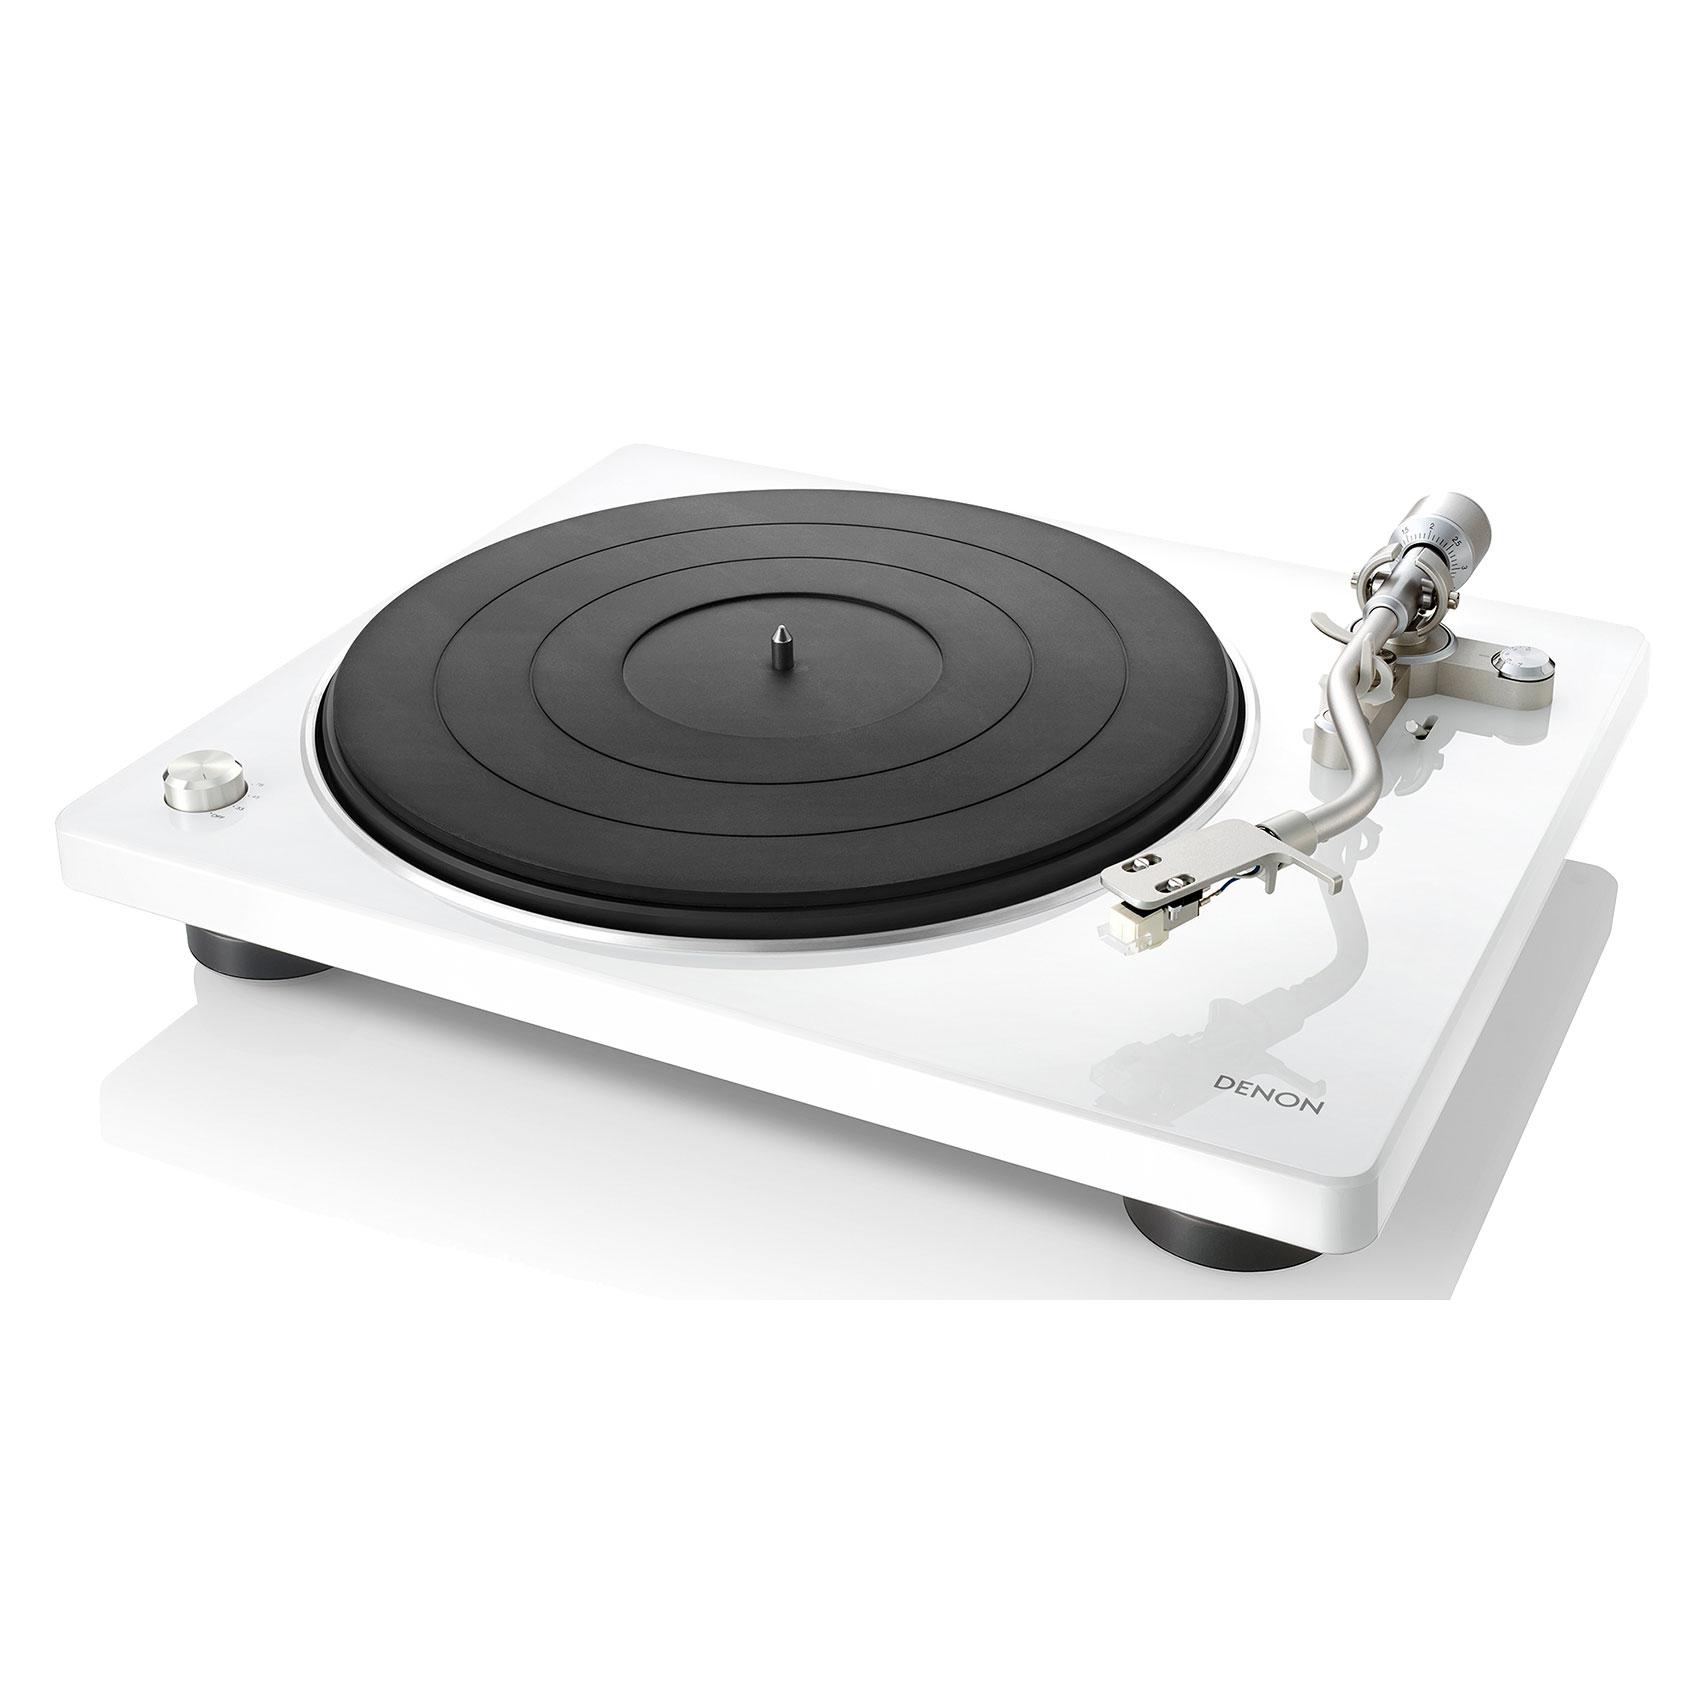 Denon DP-400 weiss Plattenspieler 44134